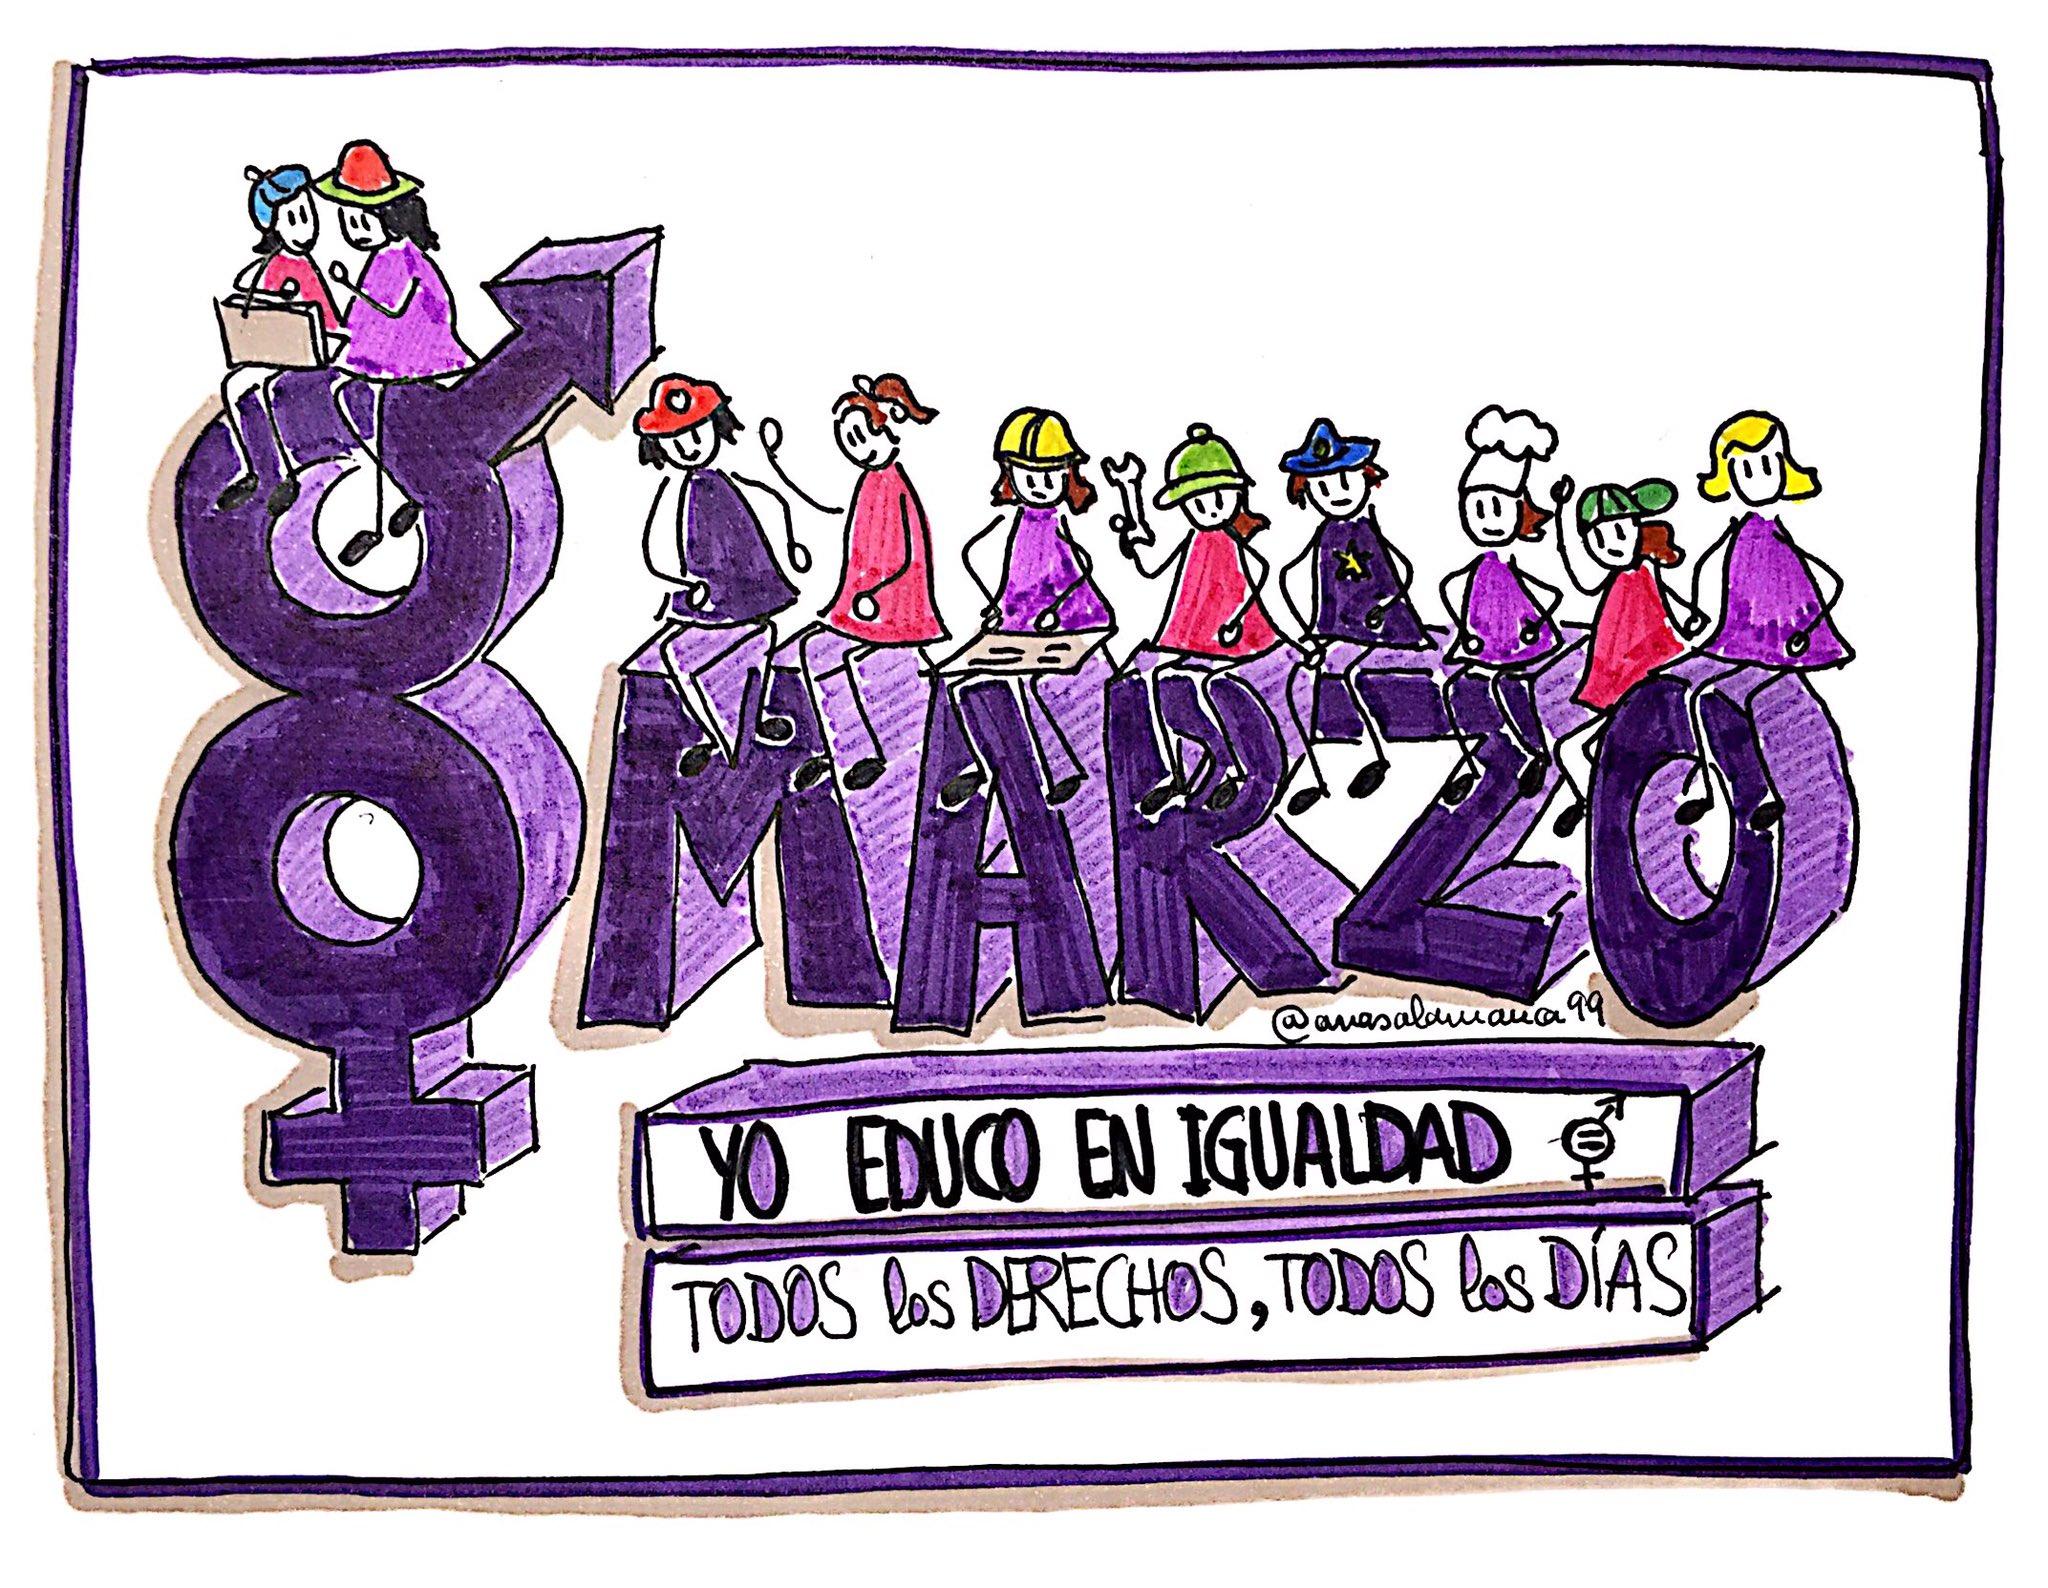 No podemos esperar todos los días son #8marzo #YoEducoEnIgualdad #dibujamelas https://t.co/W8ONvKAjLR